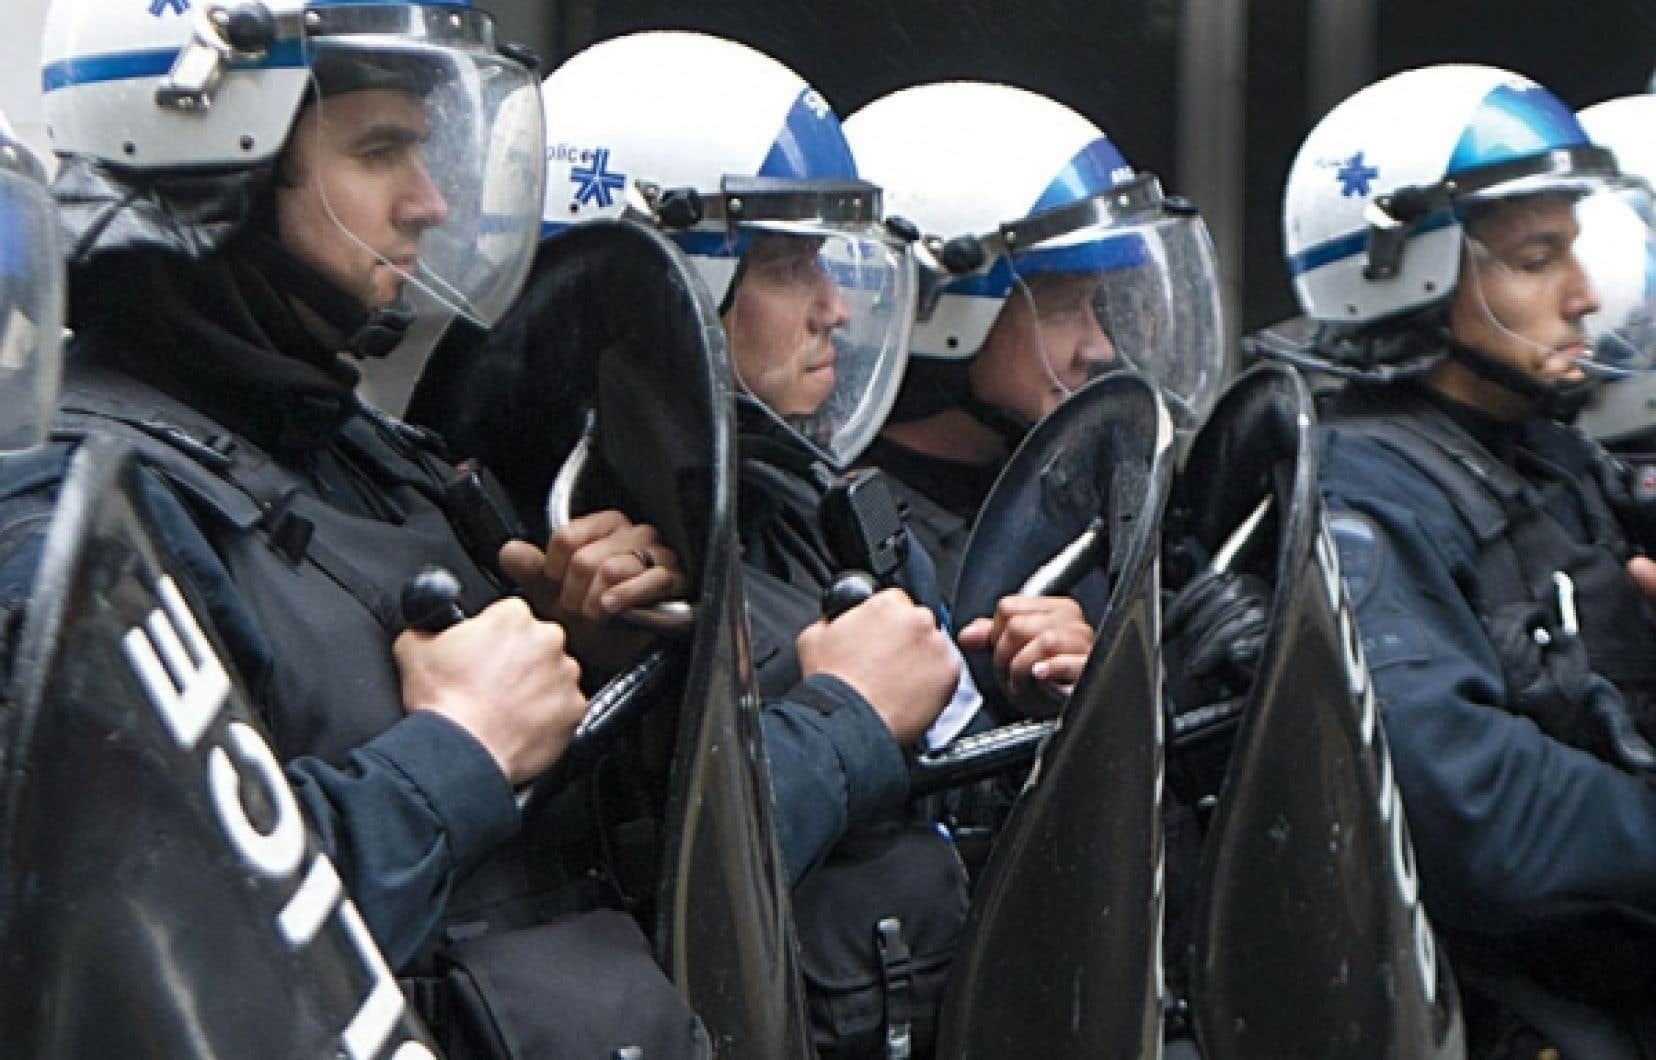 Des policiers du Service de police de la Ville de Montréal s'apprêtent à intervenir lors d'une manifestation.